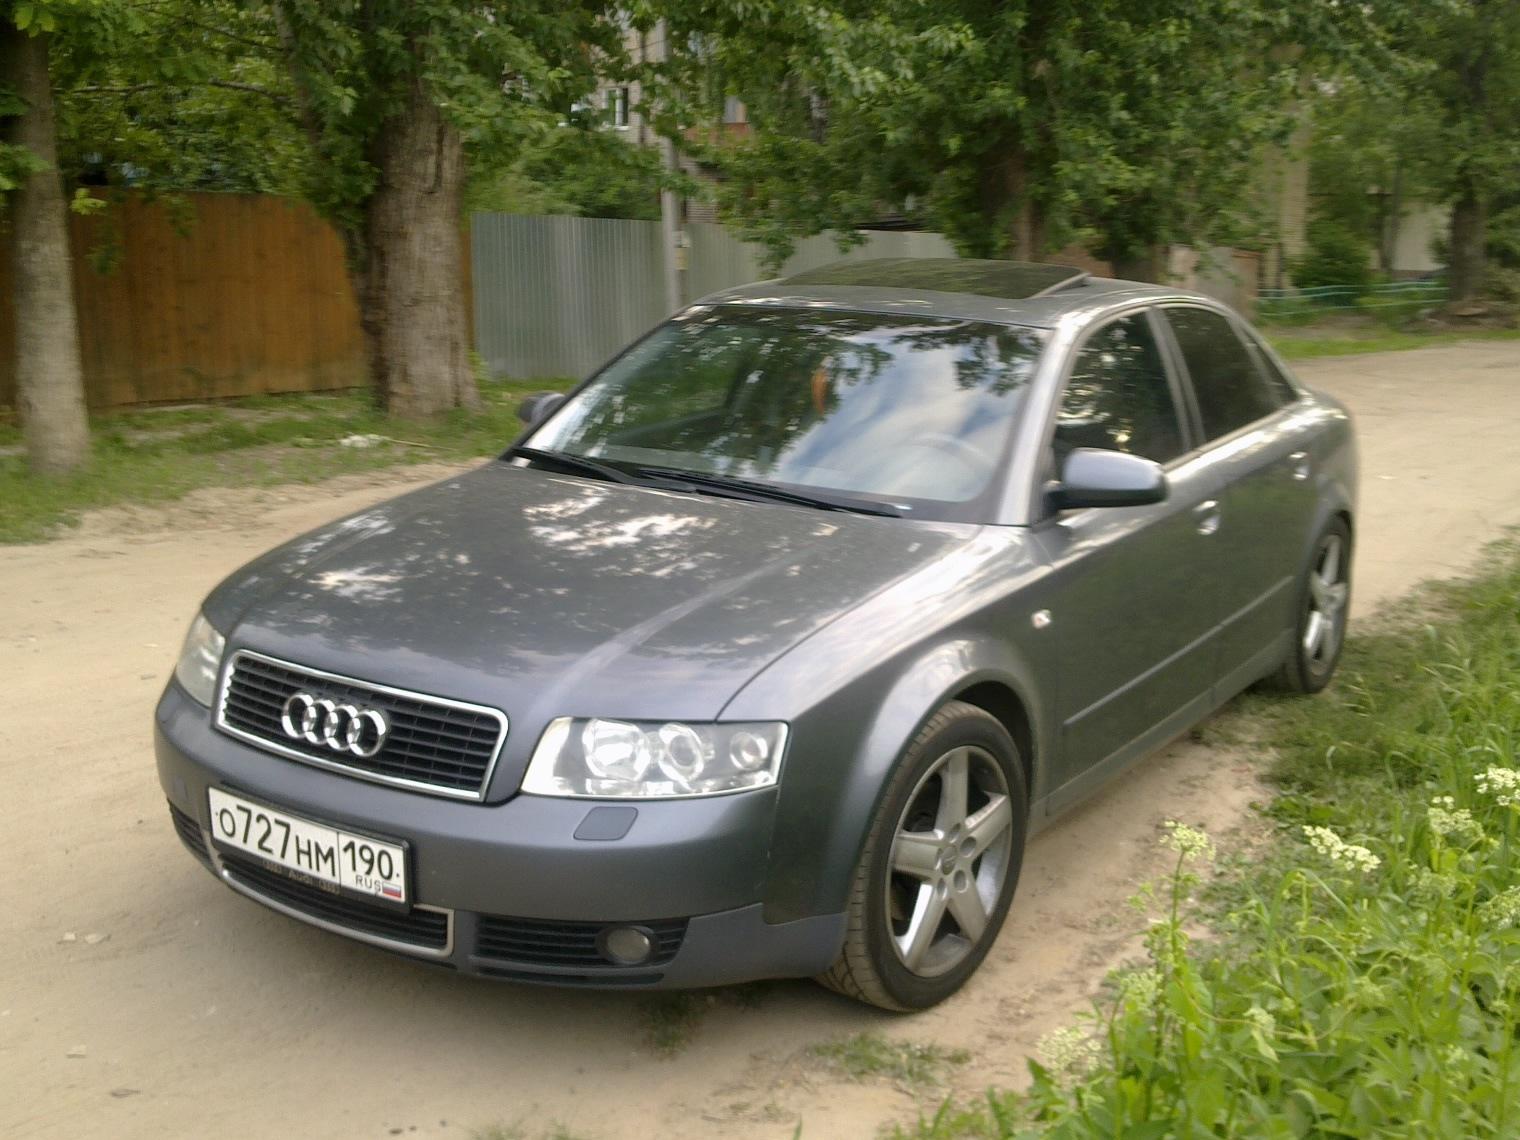 избран покупка авто в перми за 300000 тысяч руб проспект Лиговский